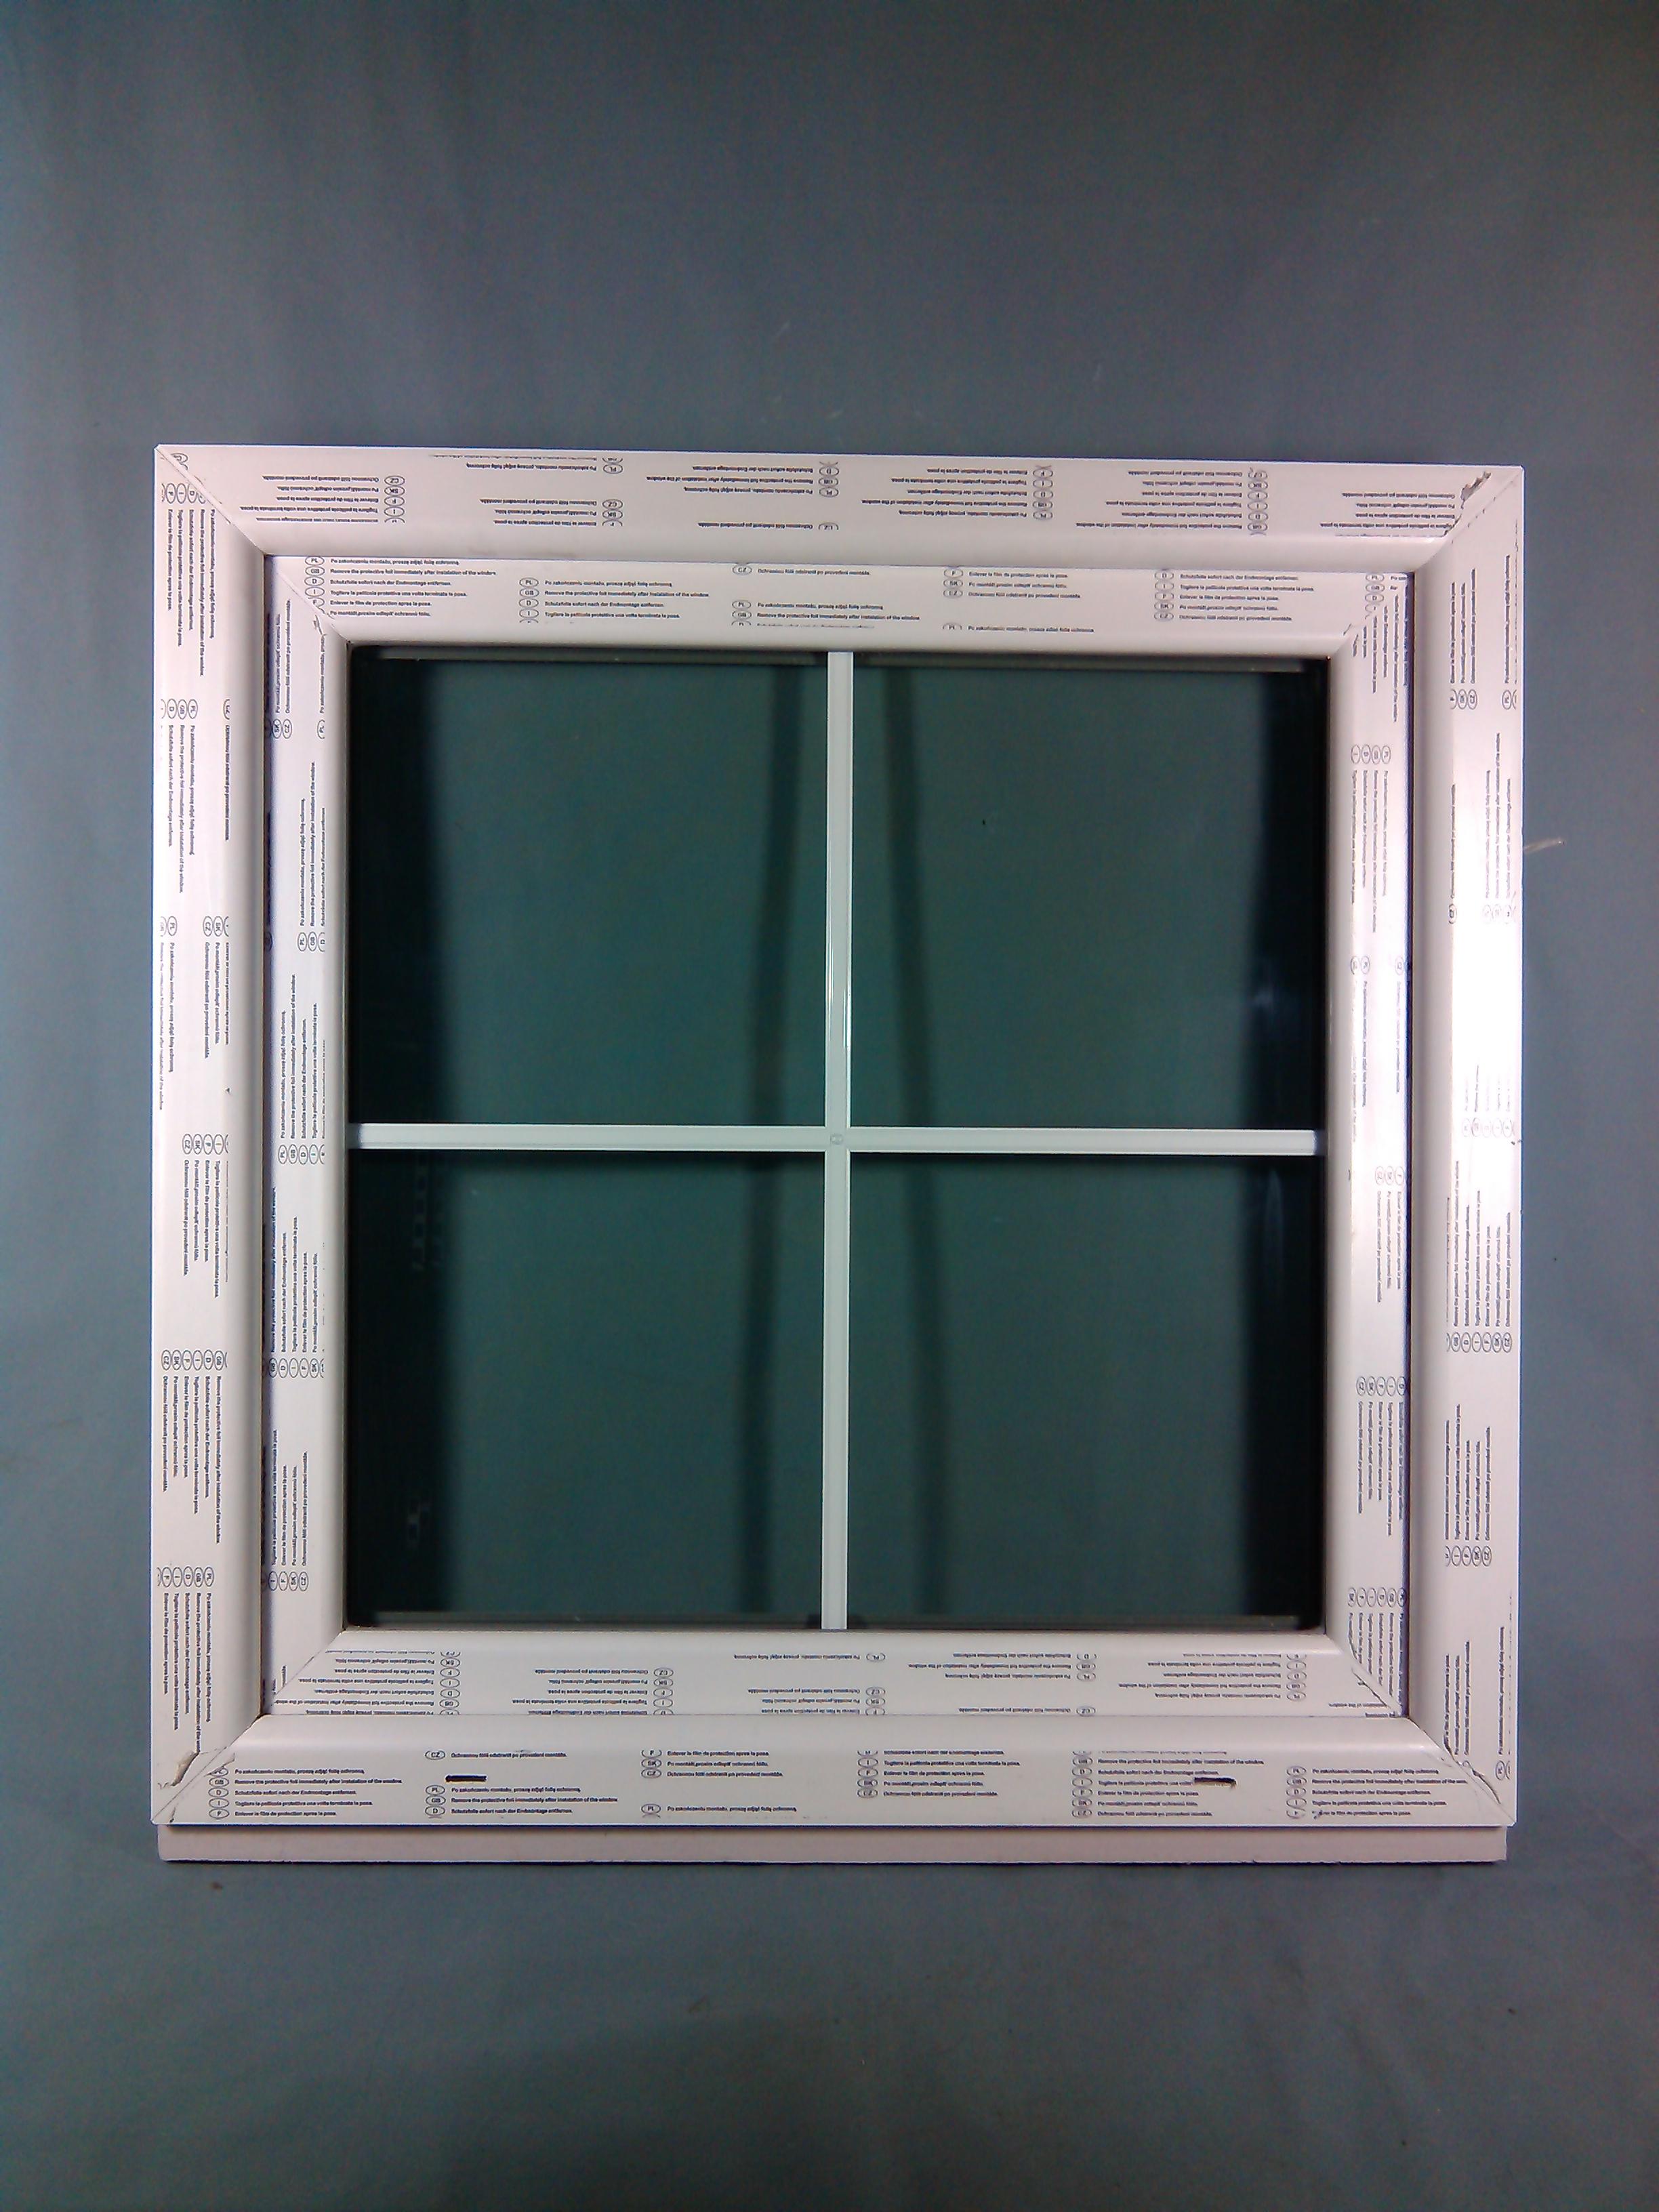 Abc fenster kunststofffenster seebach 8000 90x90 cm b x h wei mit innenliegende sprossen - Kunststofffenster mit sprossen ...